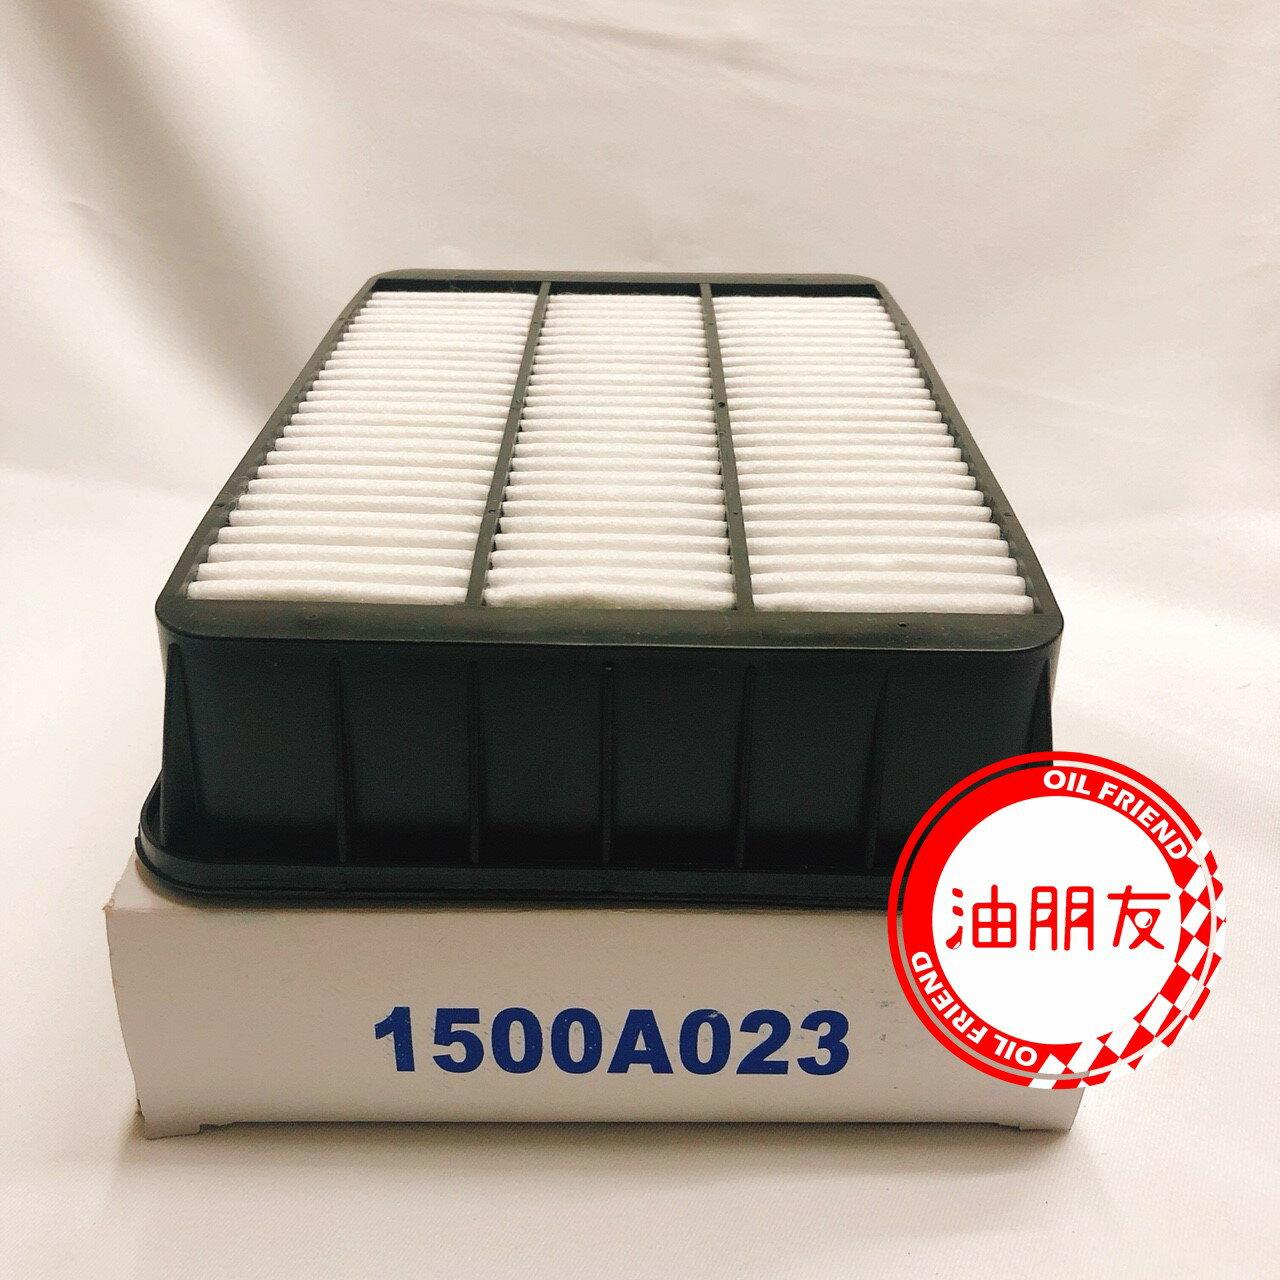 -油朋友- 三菱 FORTIS 1.8 2.0 07- OUTLANDER 2.4 空氣濾芯 空氣濾網 空氣芯 空濾 $90